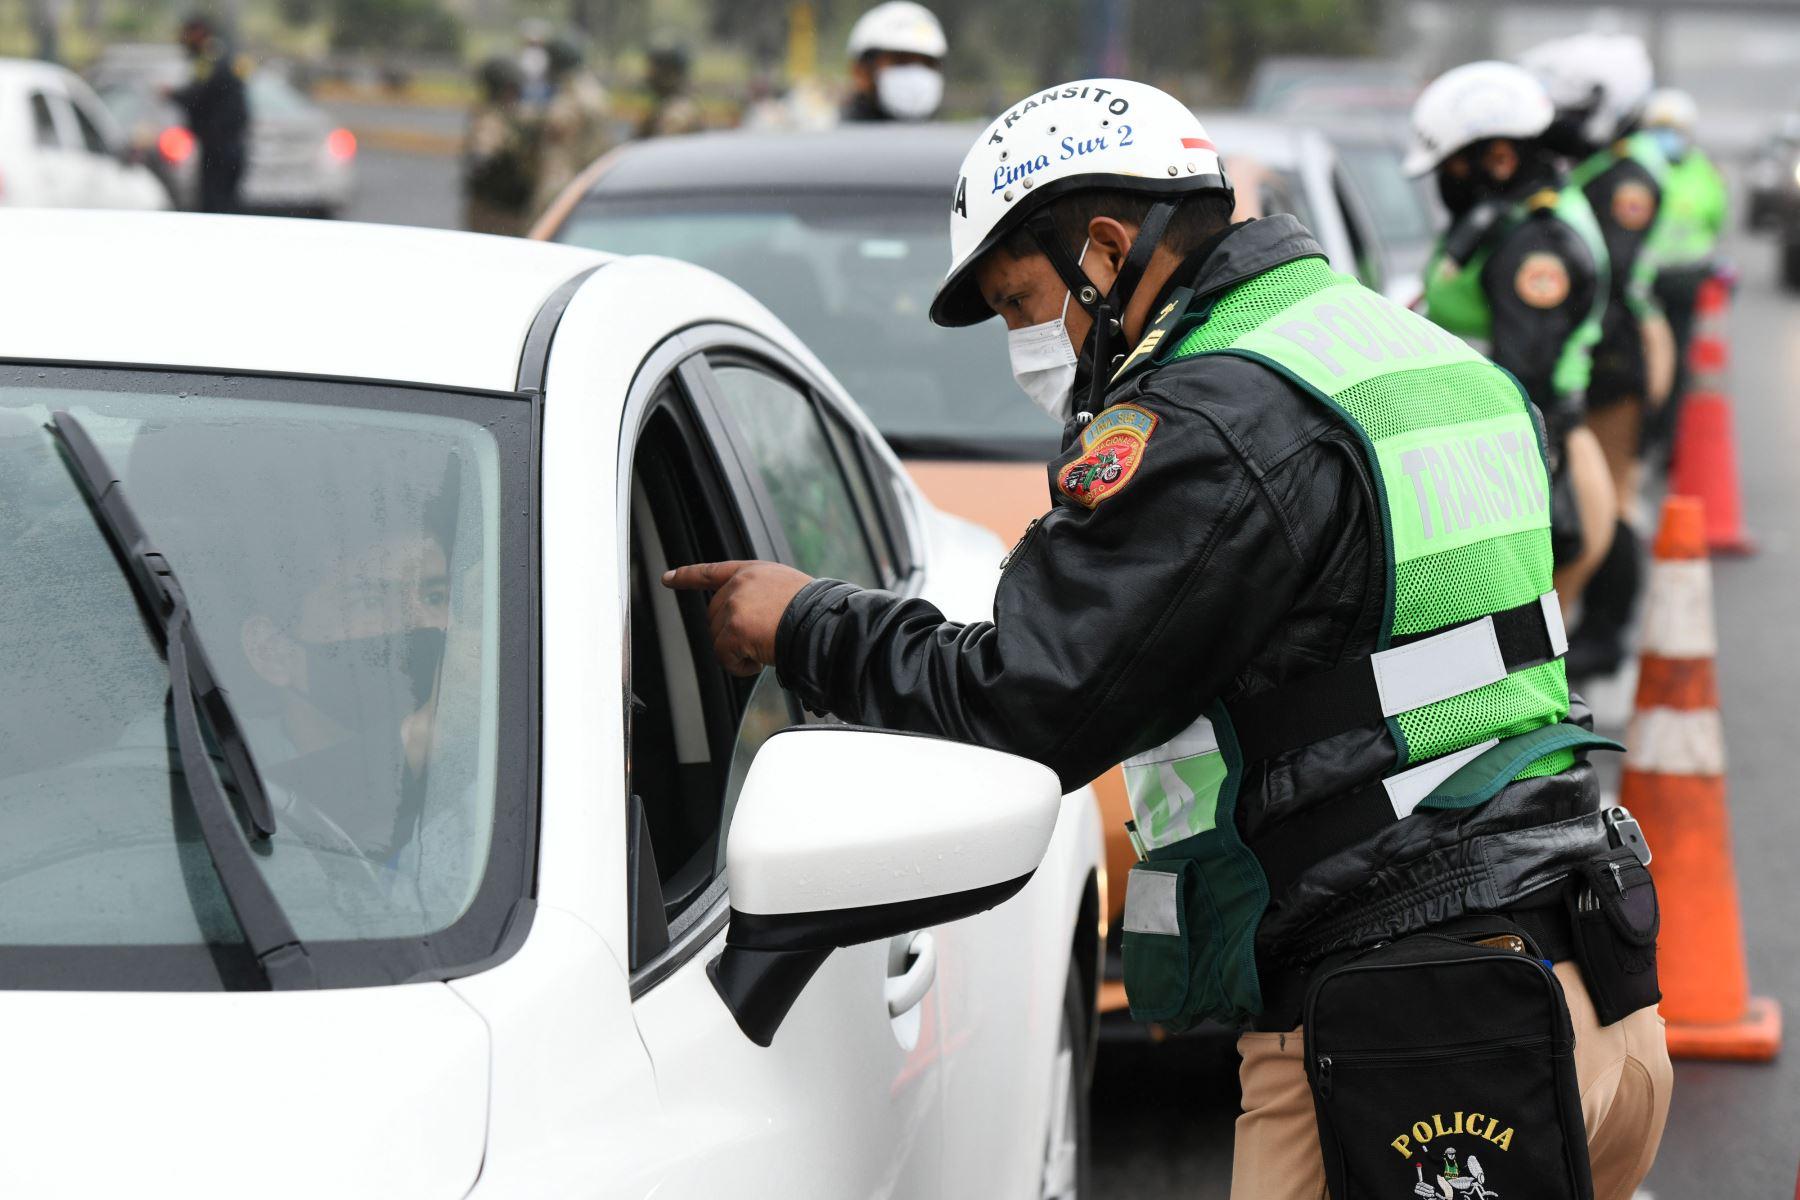 Conducir en estado de ebriedad se sanciona con multa de S/ 4,300 y cancelación del brevete. Foto: ANDINA/difusión.